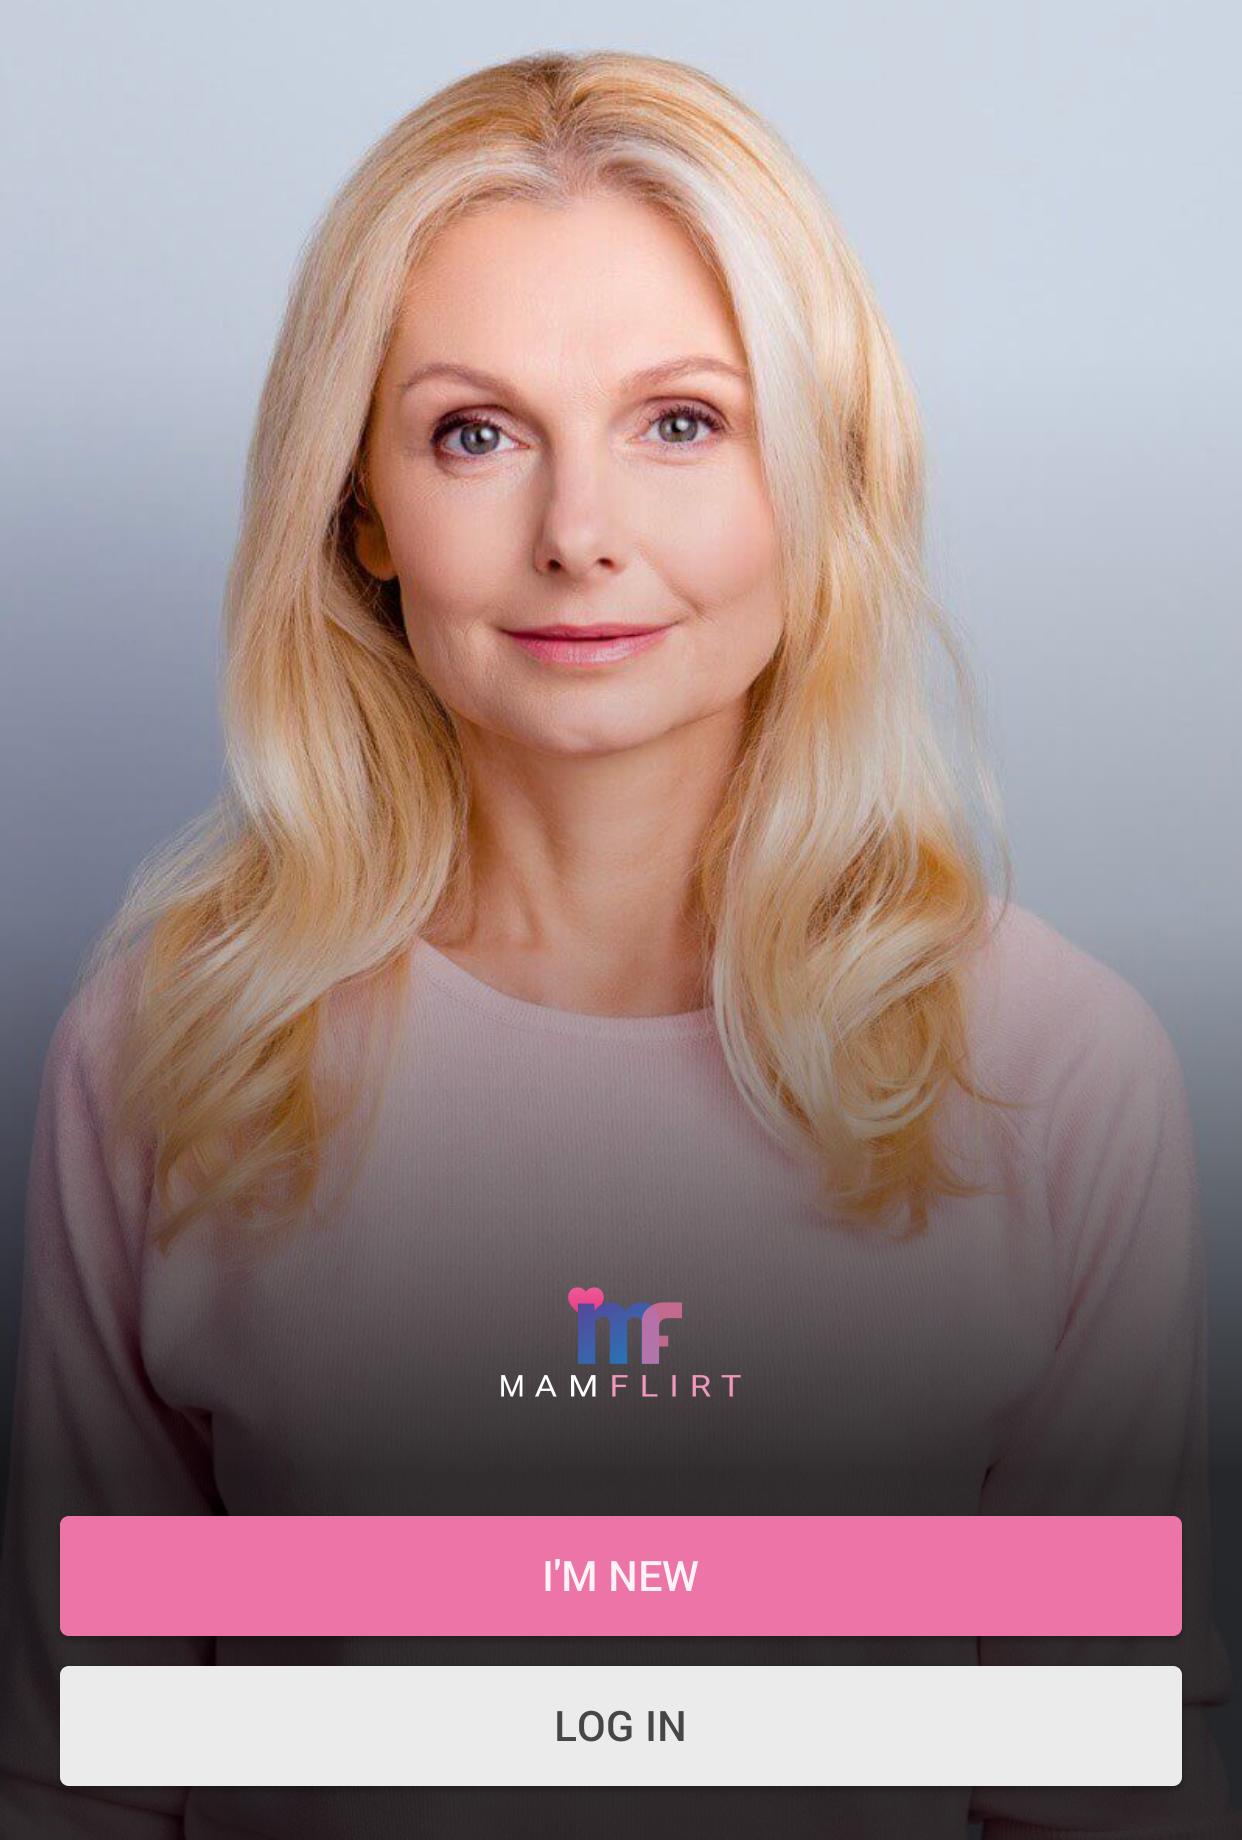 Mamflirt App